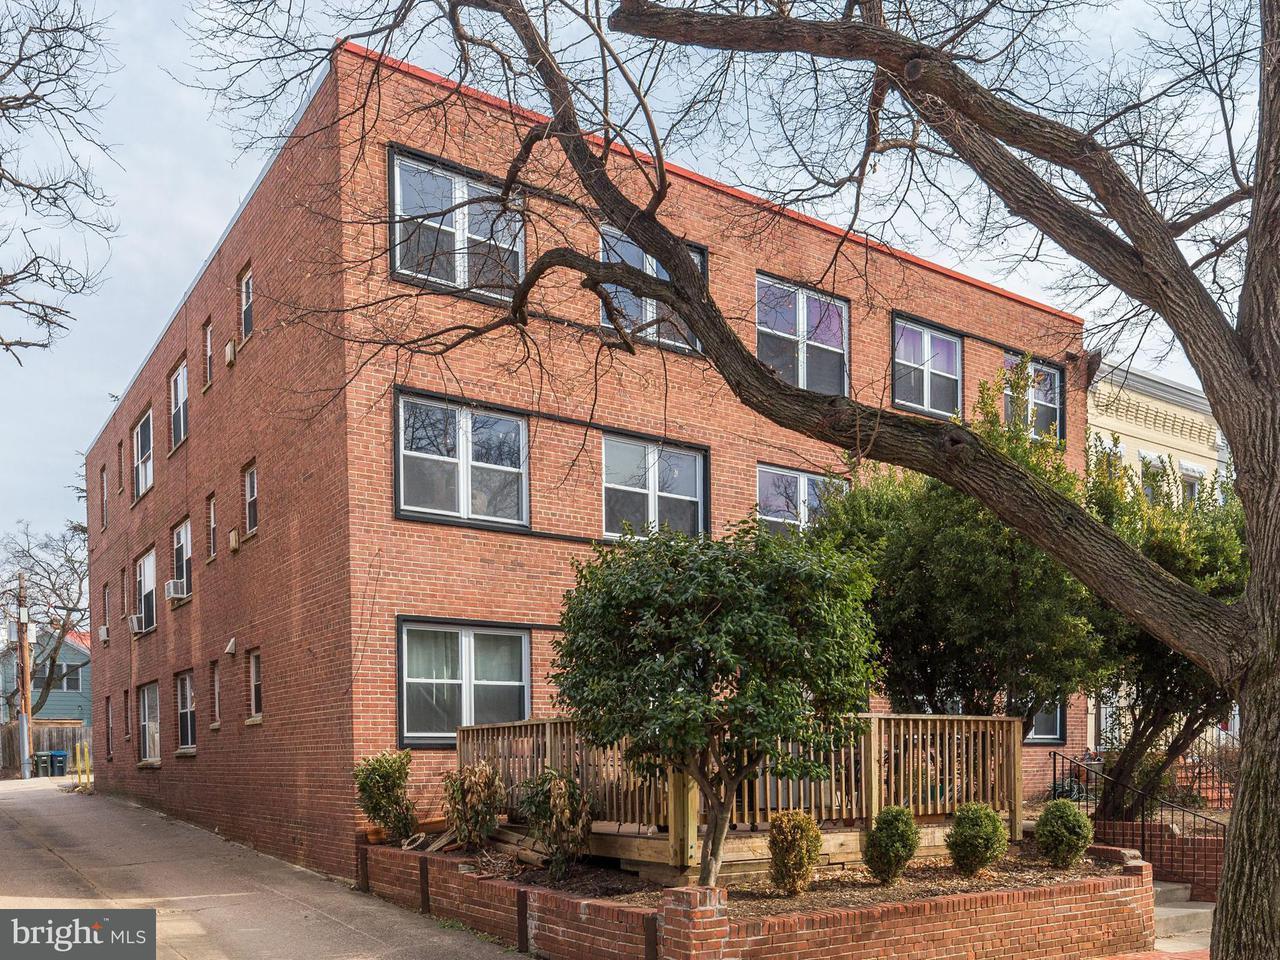 二世帯住宅 のために 売買 アット 526 5th St Se 526 5th St Se Washington, コロンビア特別区 20003 アメリカ合衆国